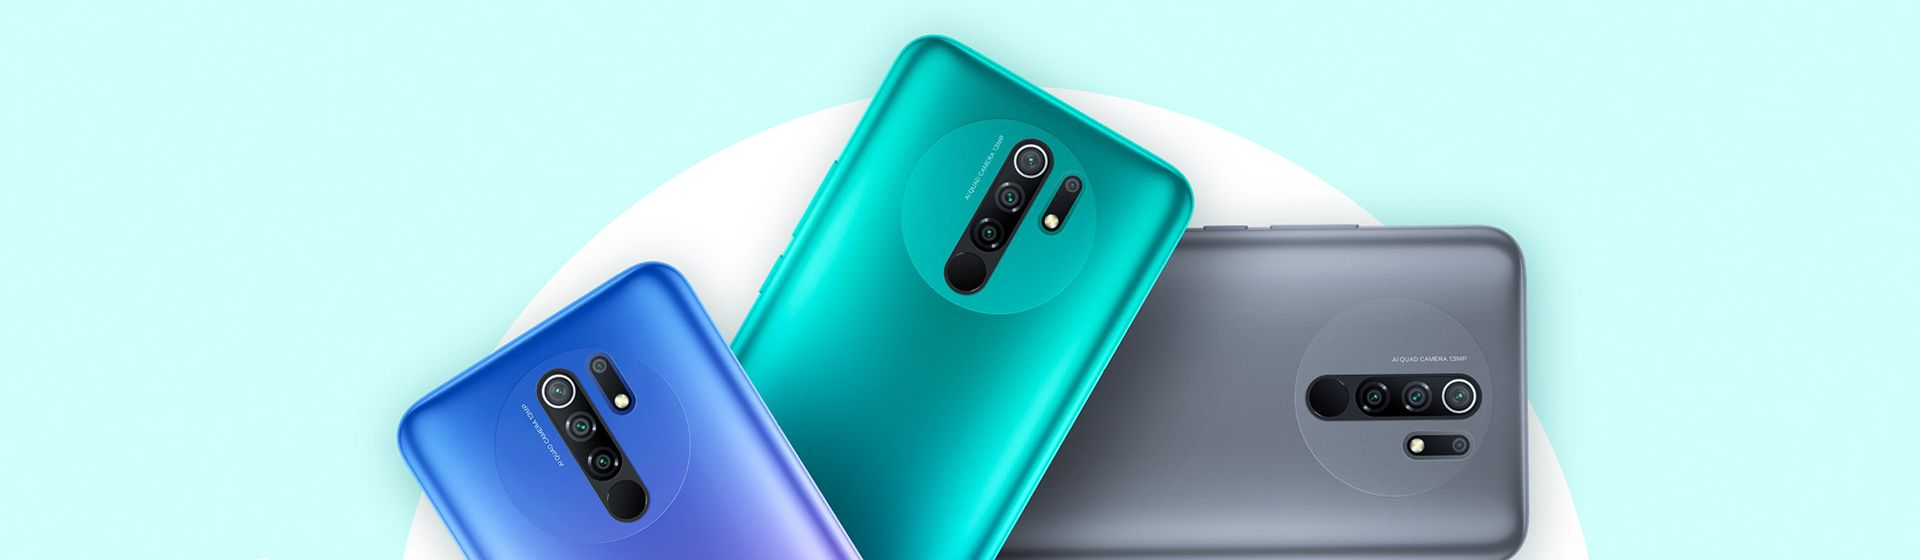 Redmi 9 vale a pena? Analisamos a ficha técnica do smartphone Xiaomi